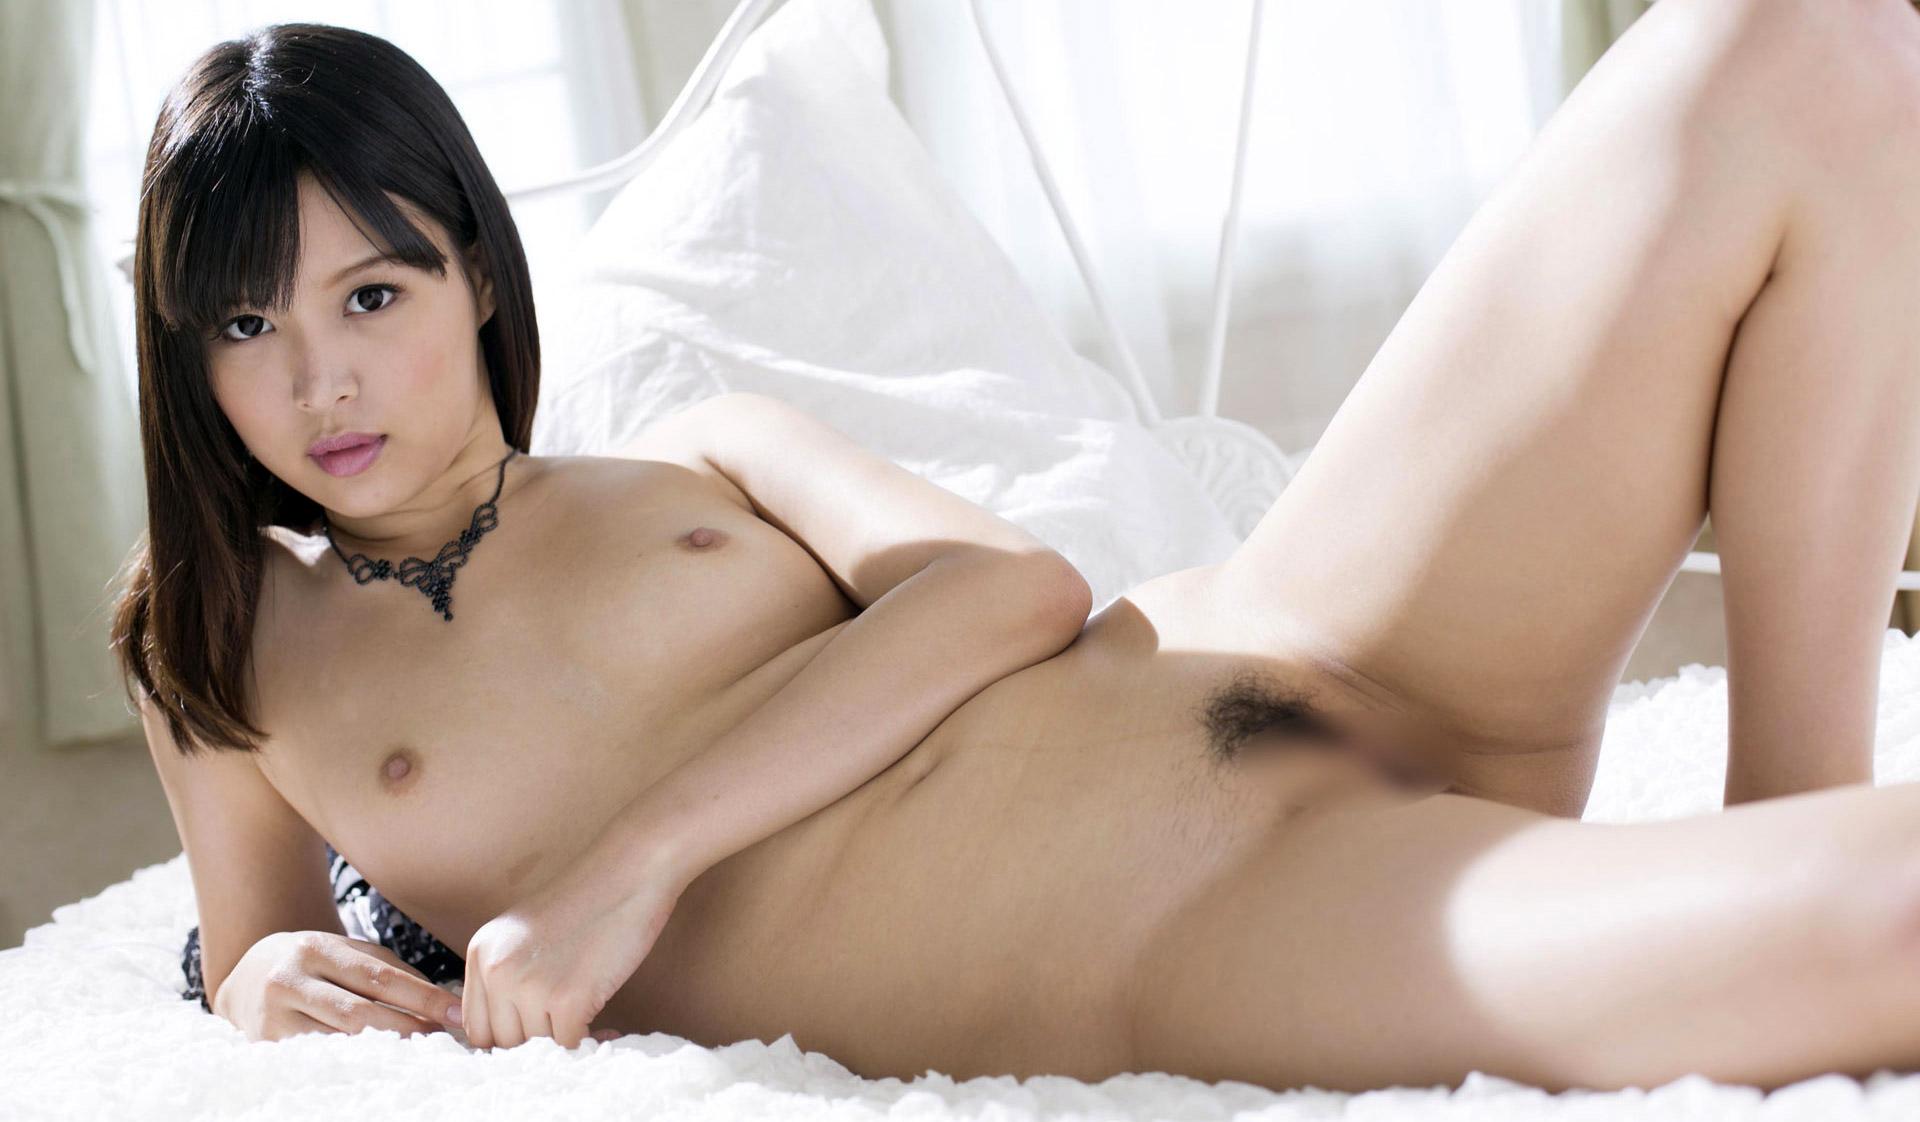 三次元 3次元 エロ画像 AV女優 葵つかさ ヌード べっぴん娘通信 060